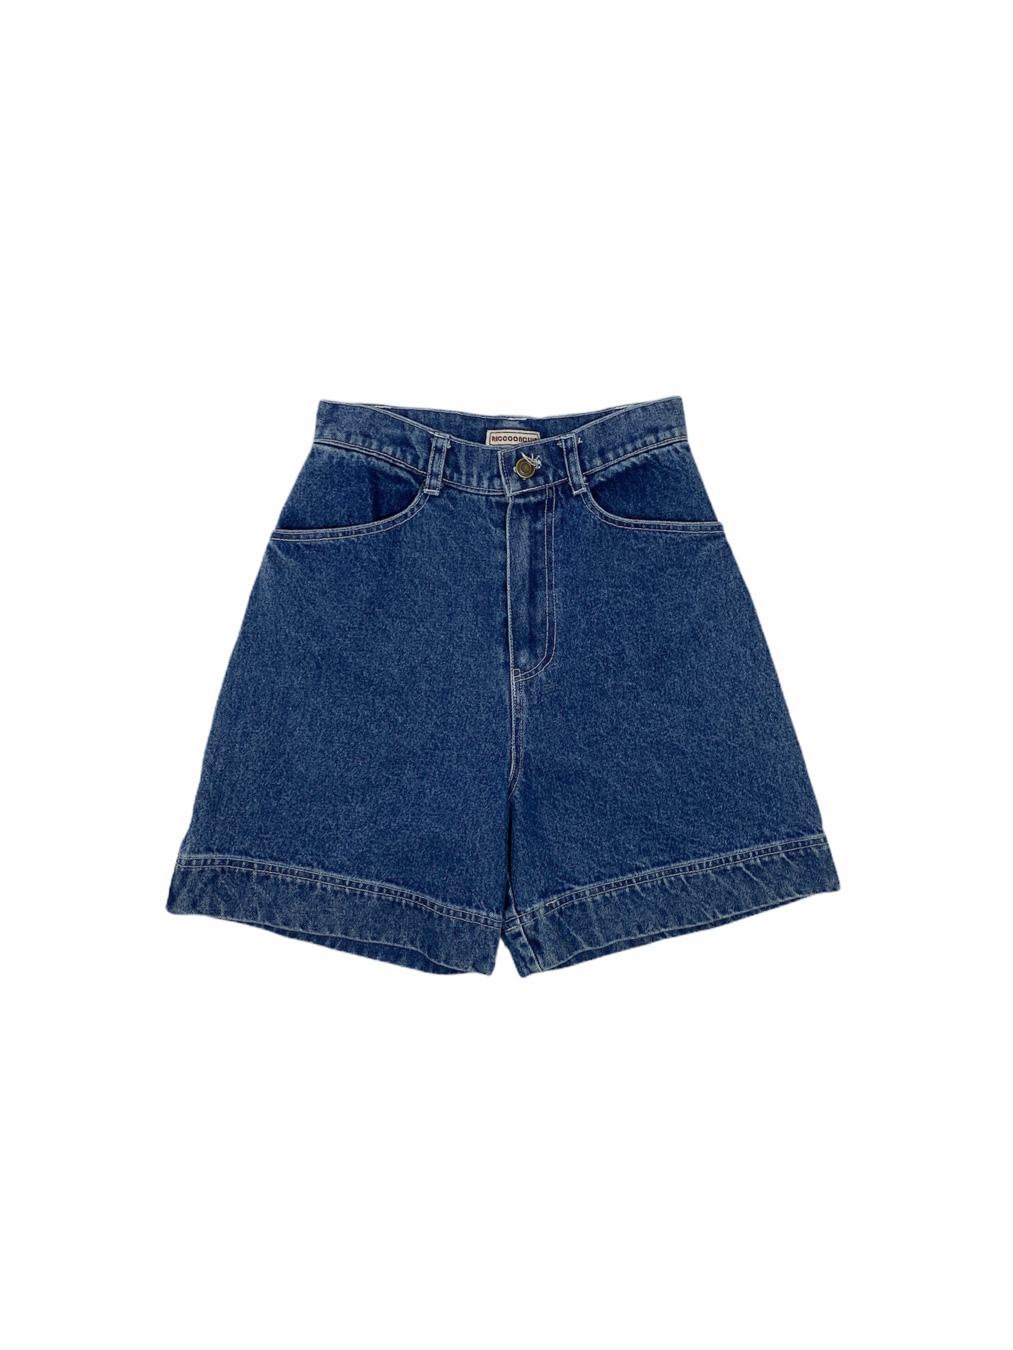 Middle Short Pants (Denim)